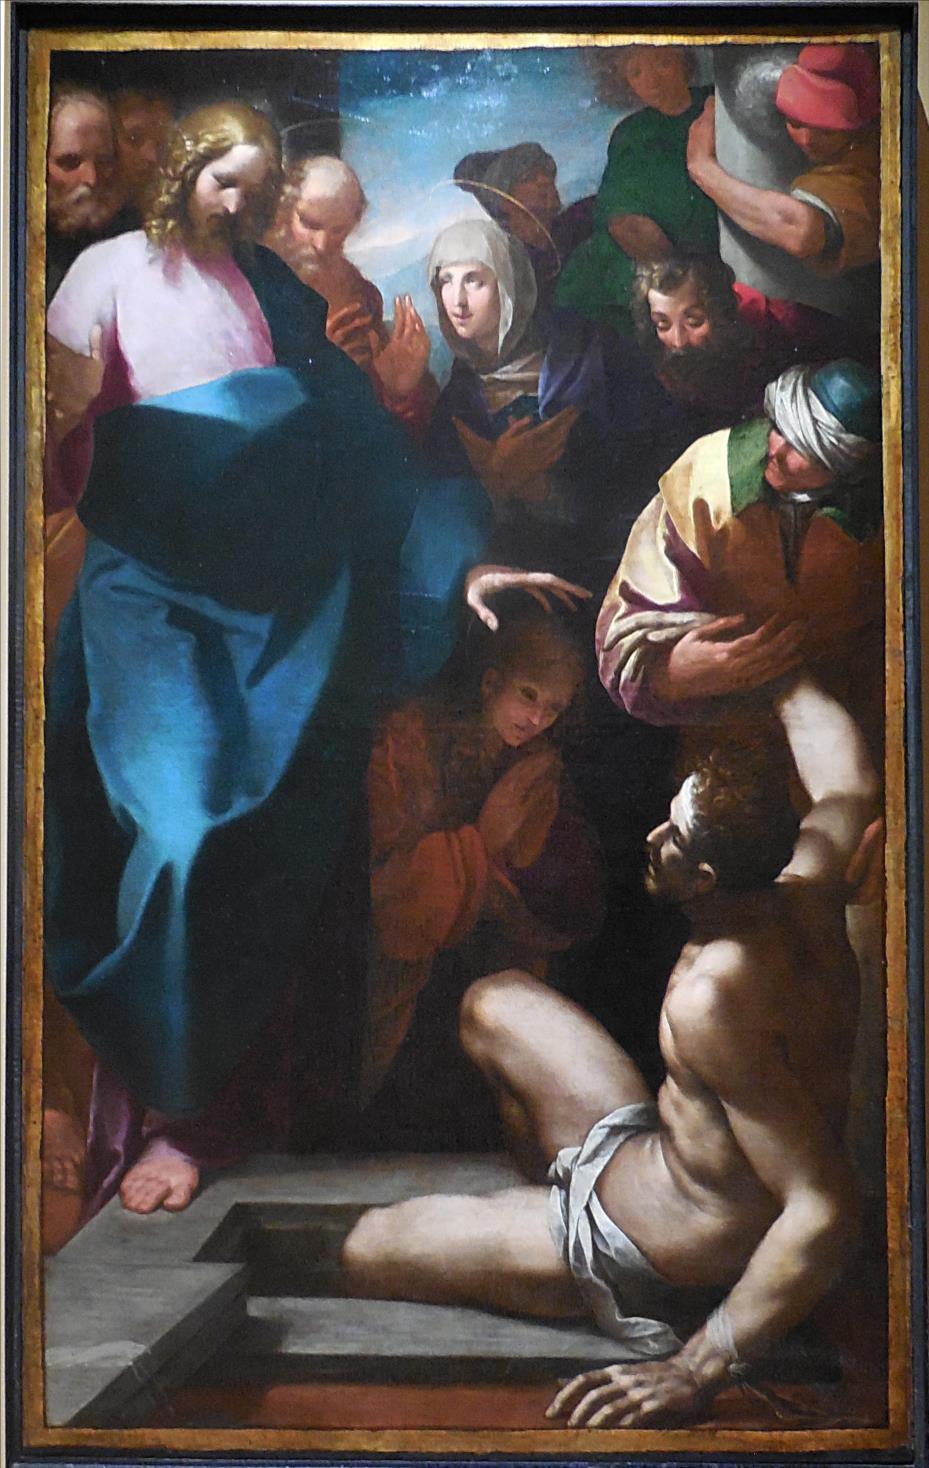 Il Morazzone, La résurrection de Lazare, vers 1598 / MUDO